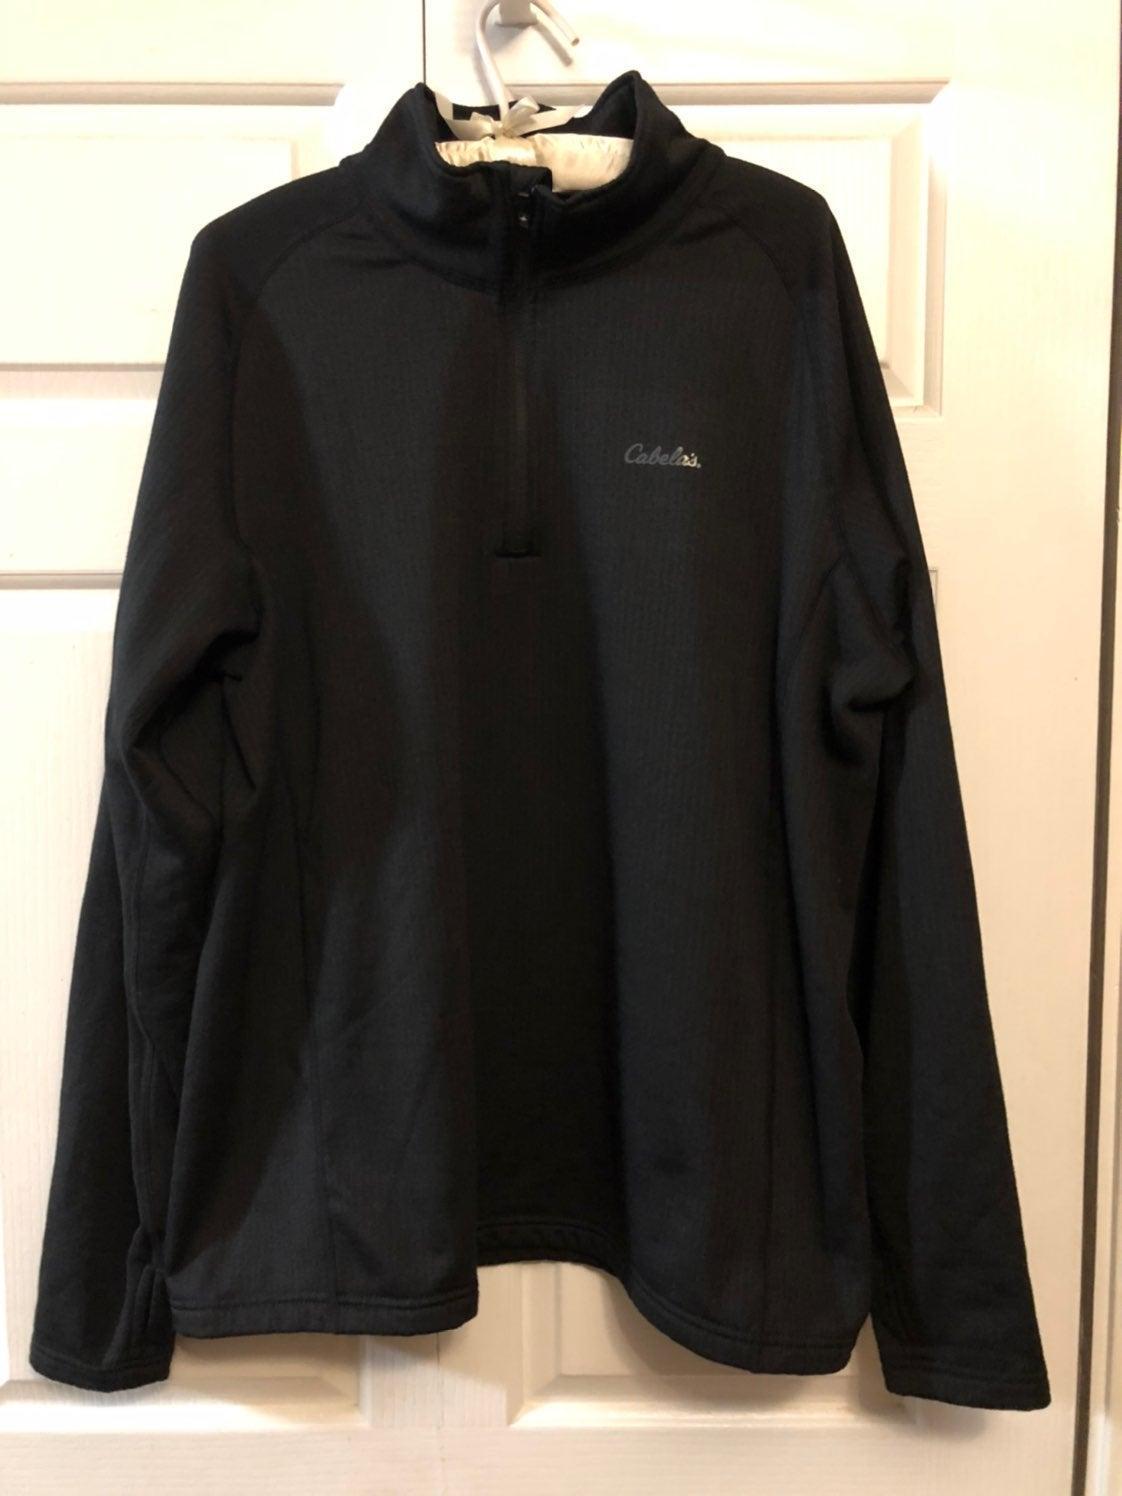 Black Cabela's Pullover